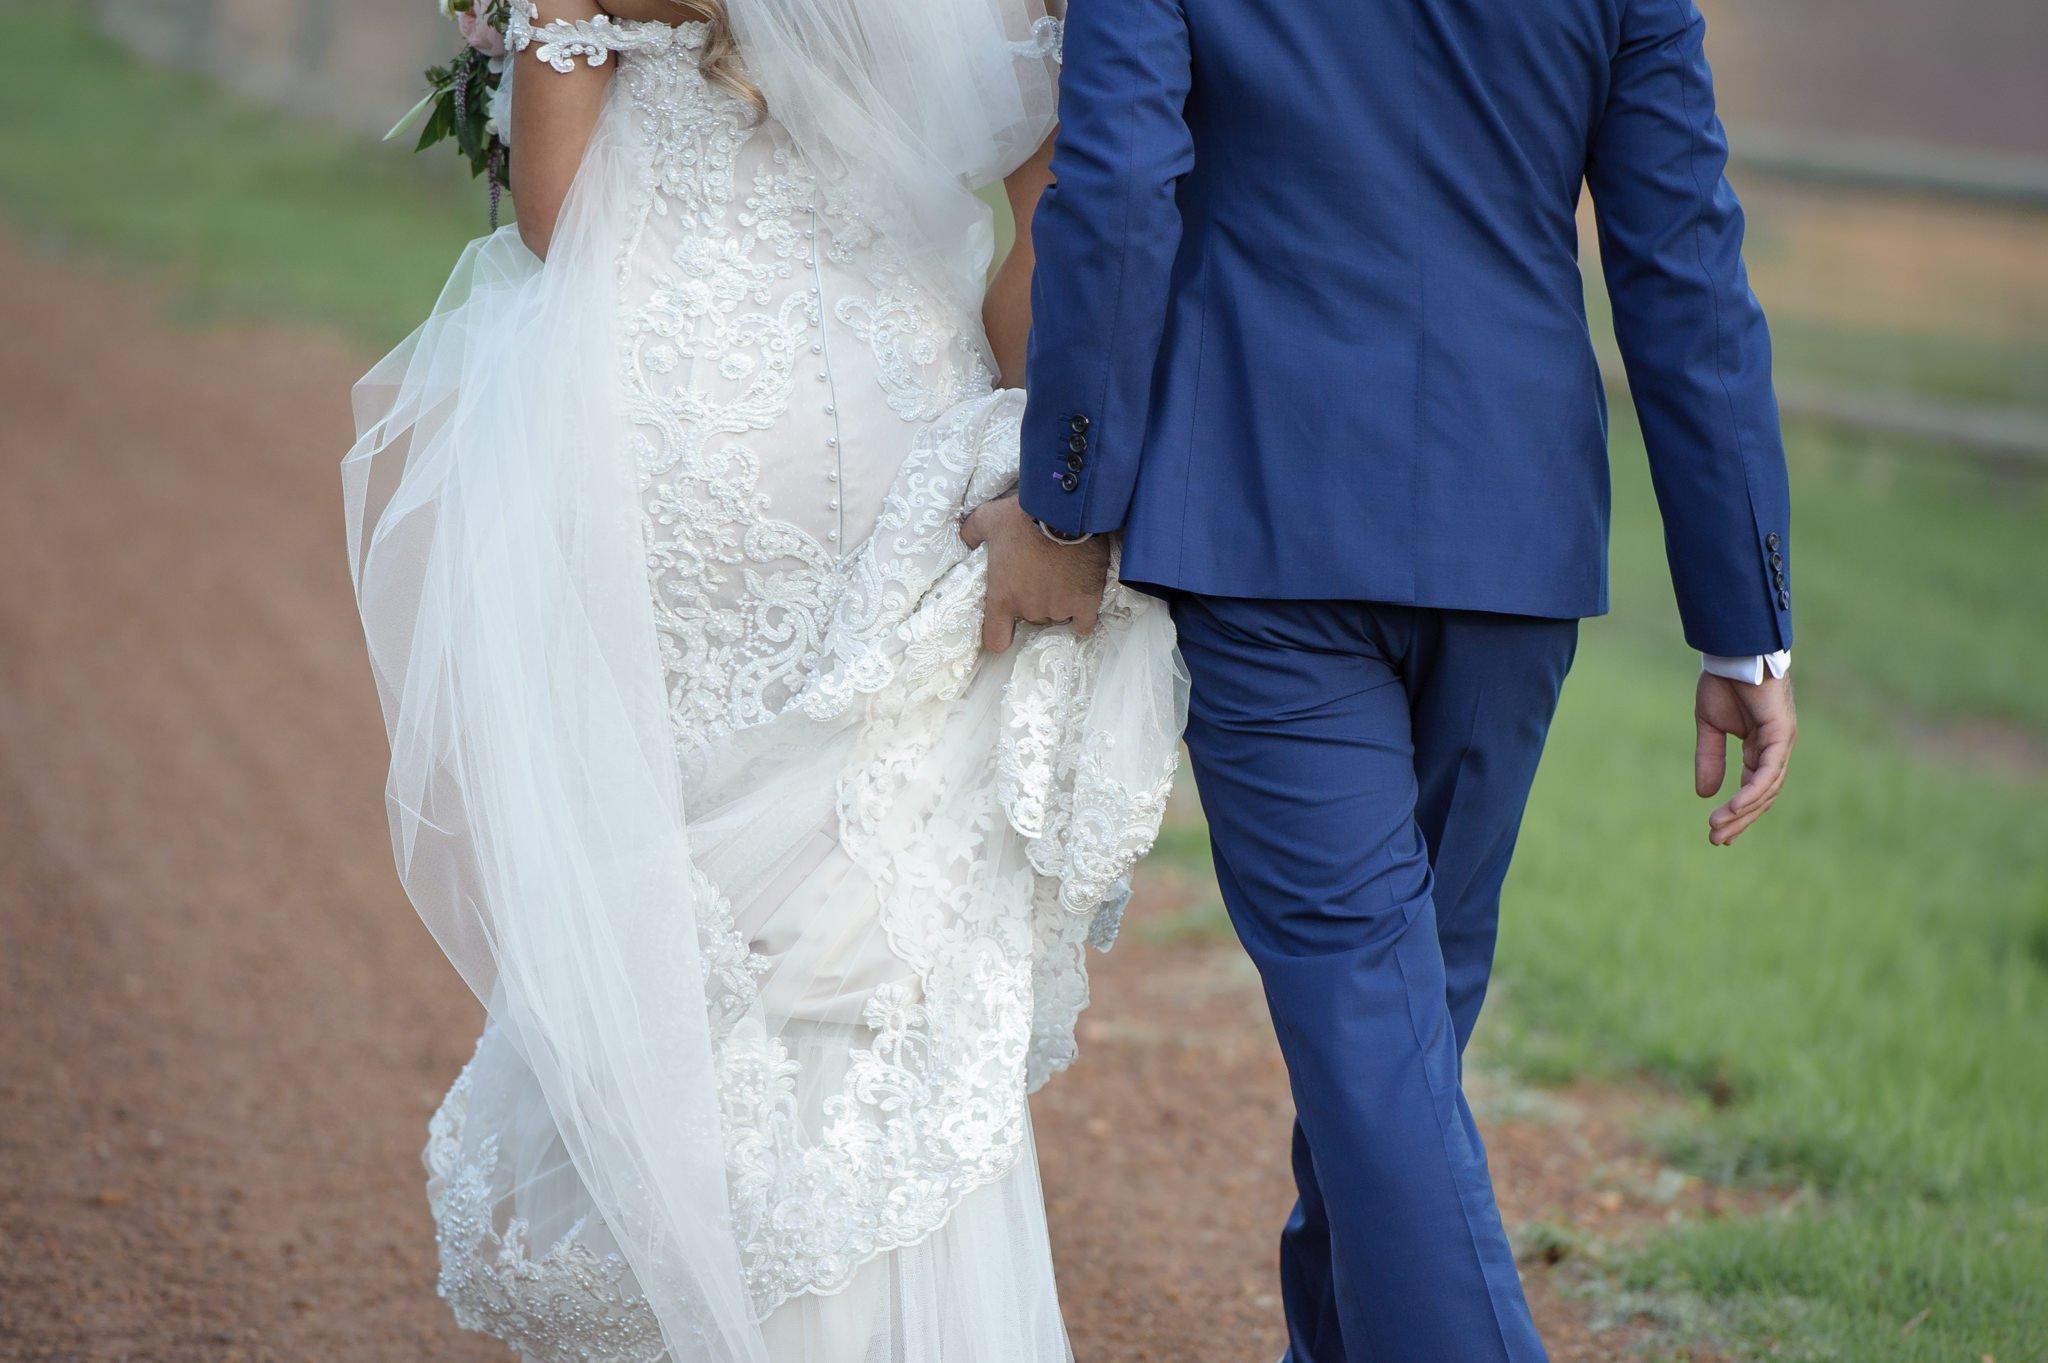 bride and groom deatil